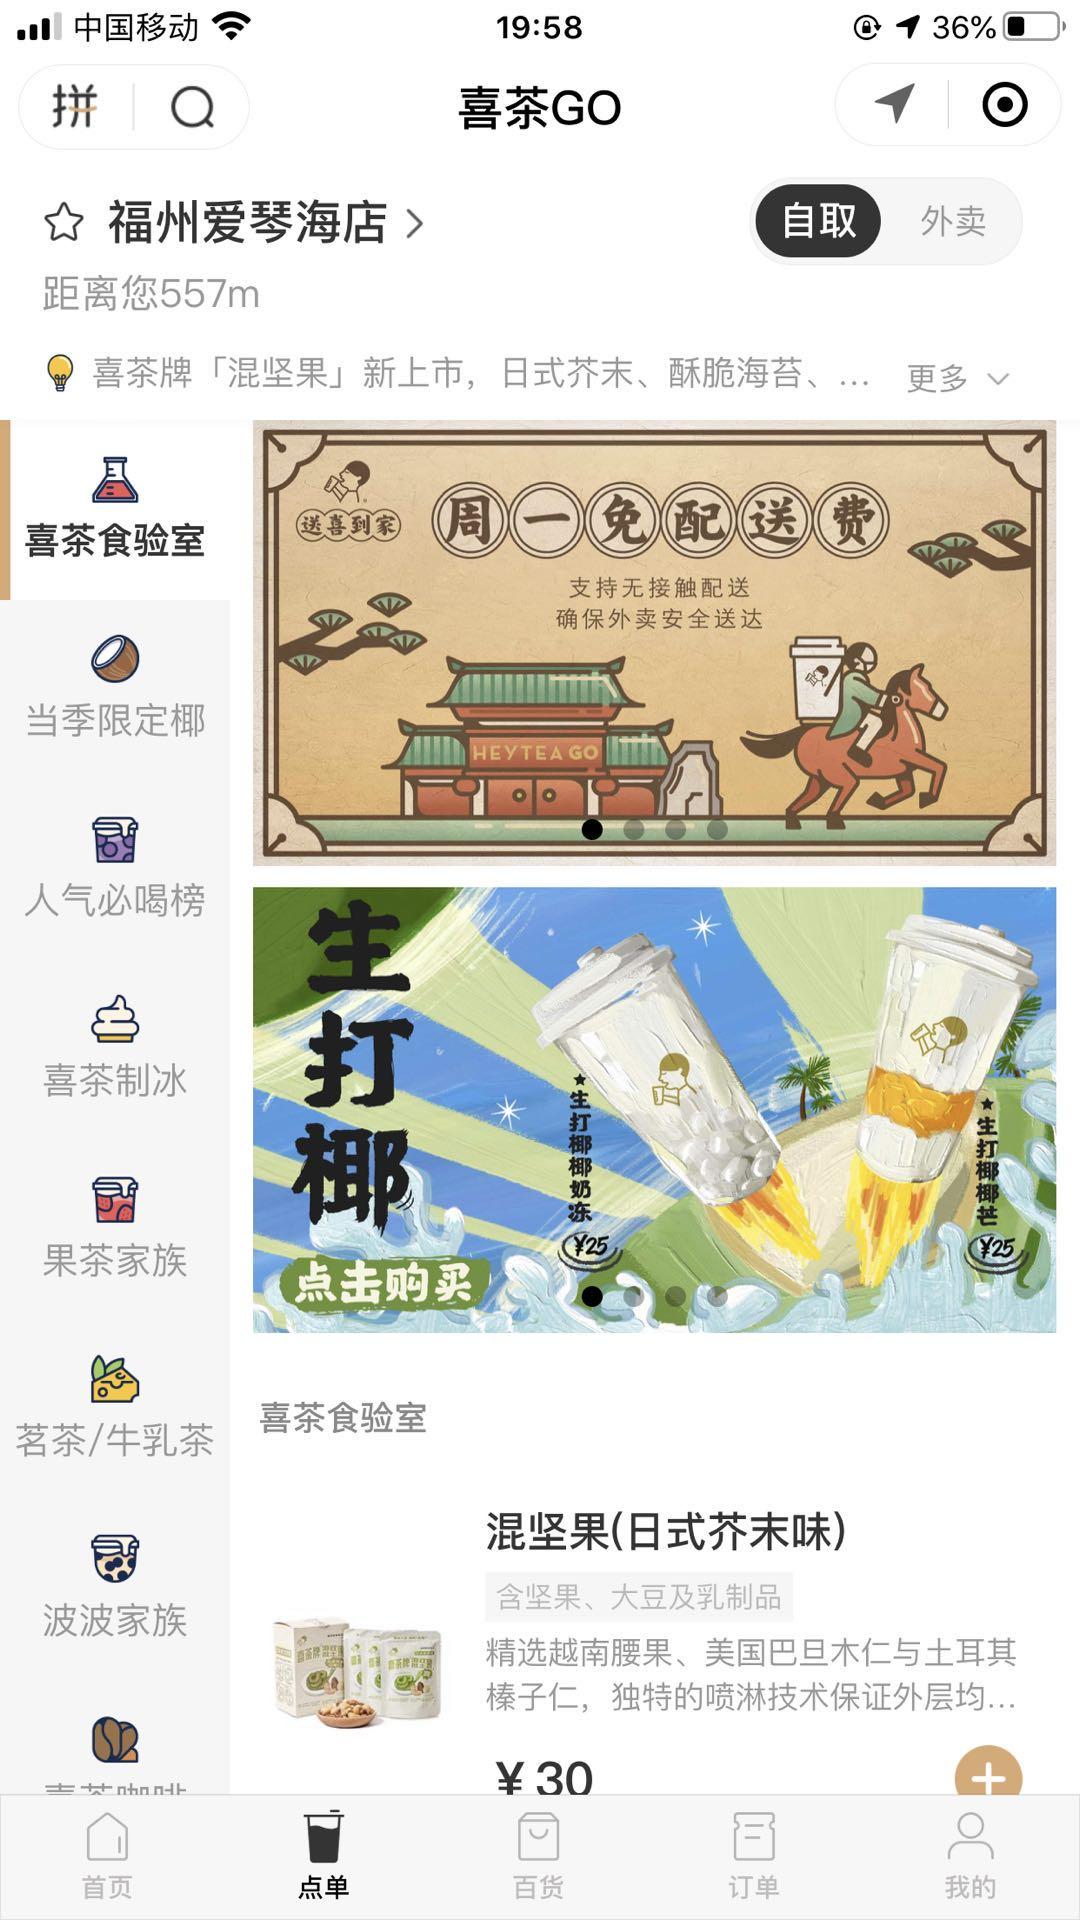 微信图片 202009072000331 仿喜茶go餐饮点单点餐系统源码|奶茶店点单系统